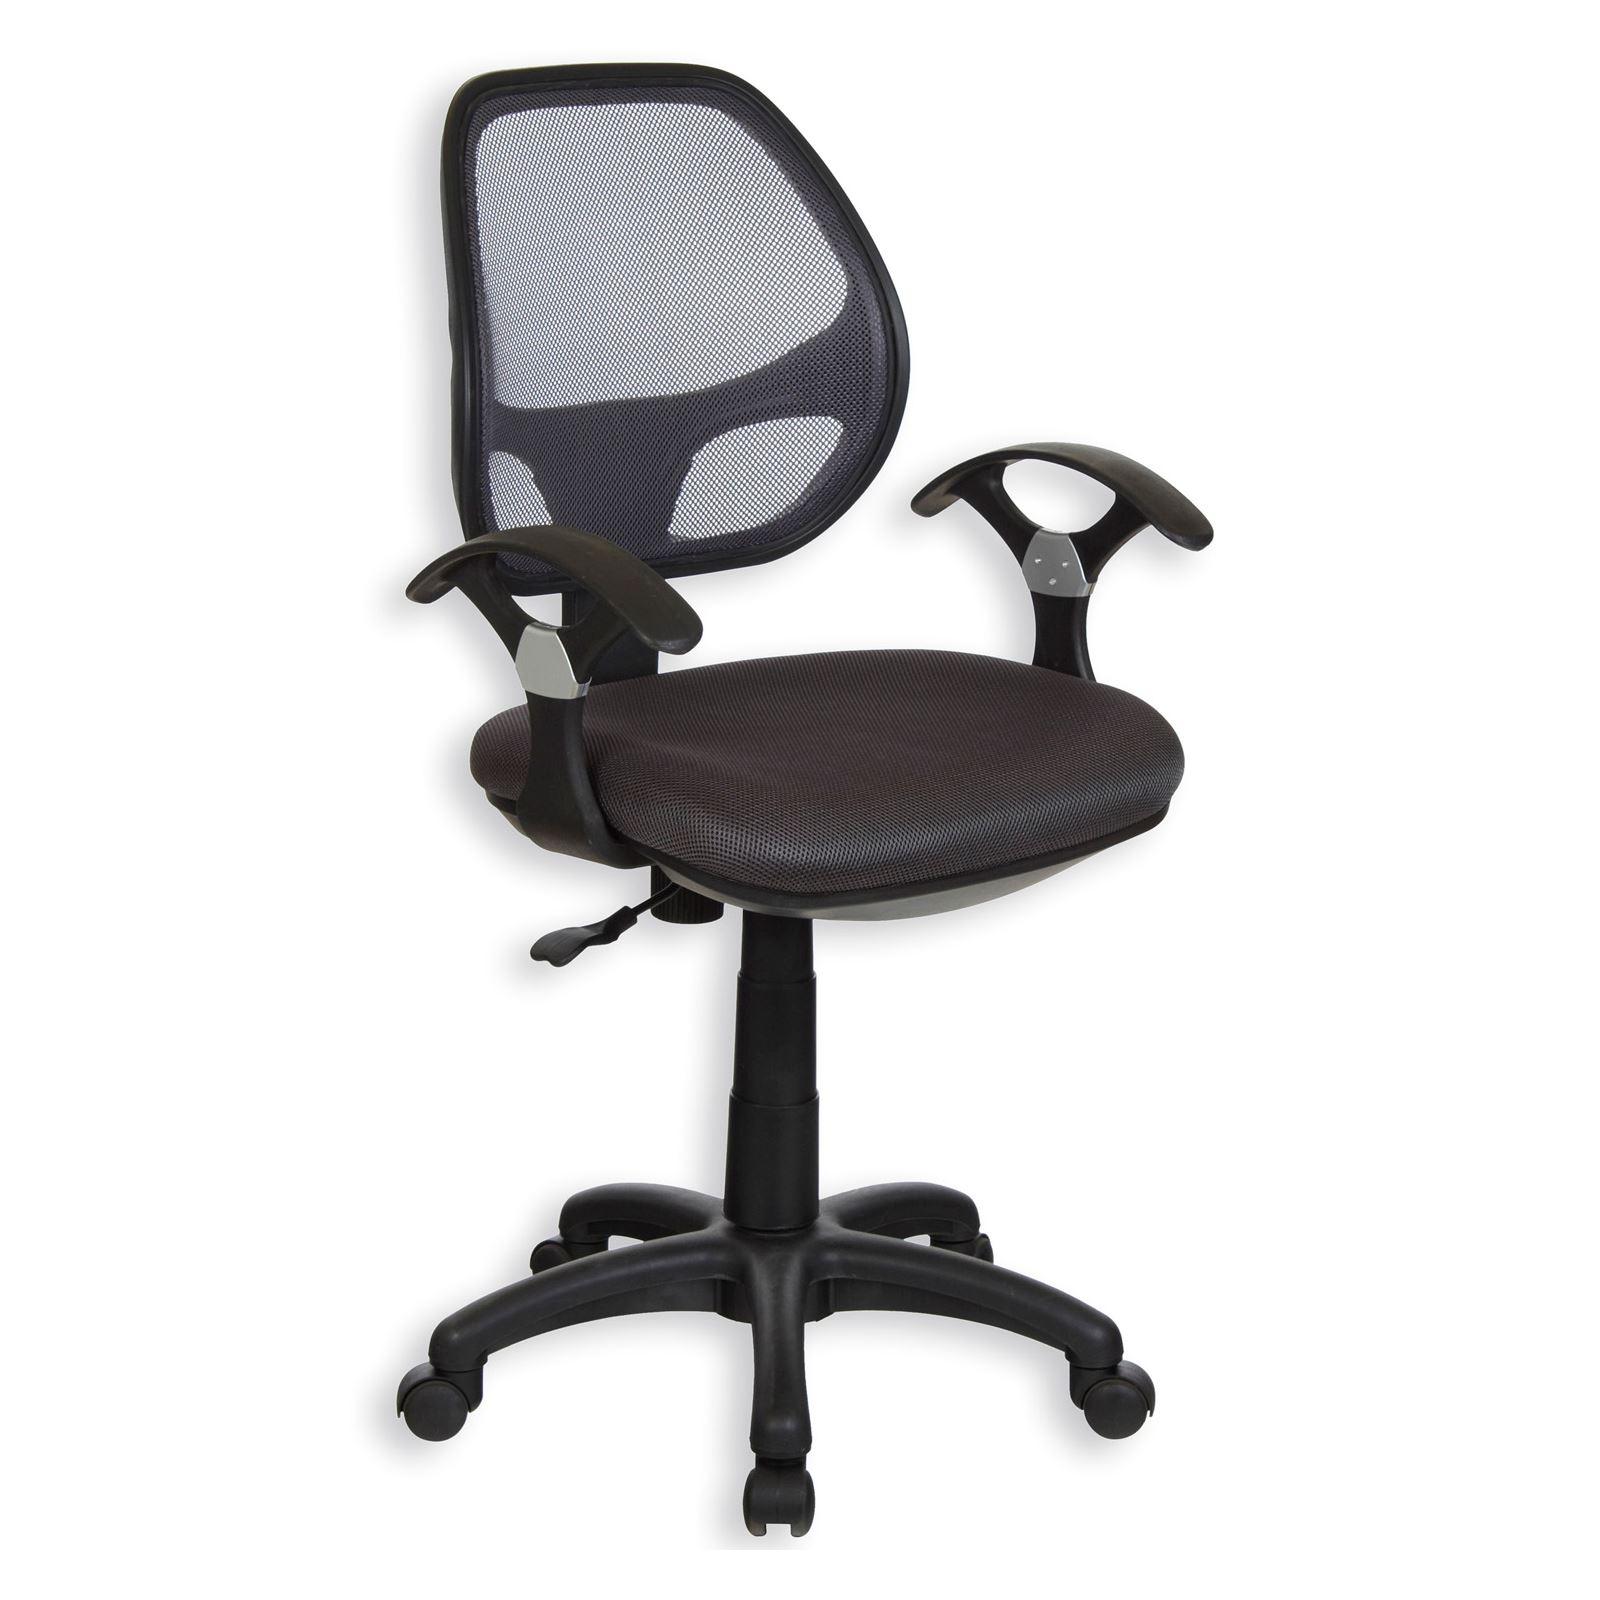 chaise de bureau pour enfant cool gris mobil meubles. Black Bedroom Furniture Sets. Home Design Ideas